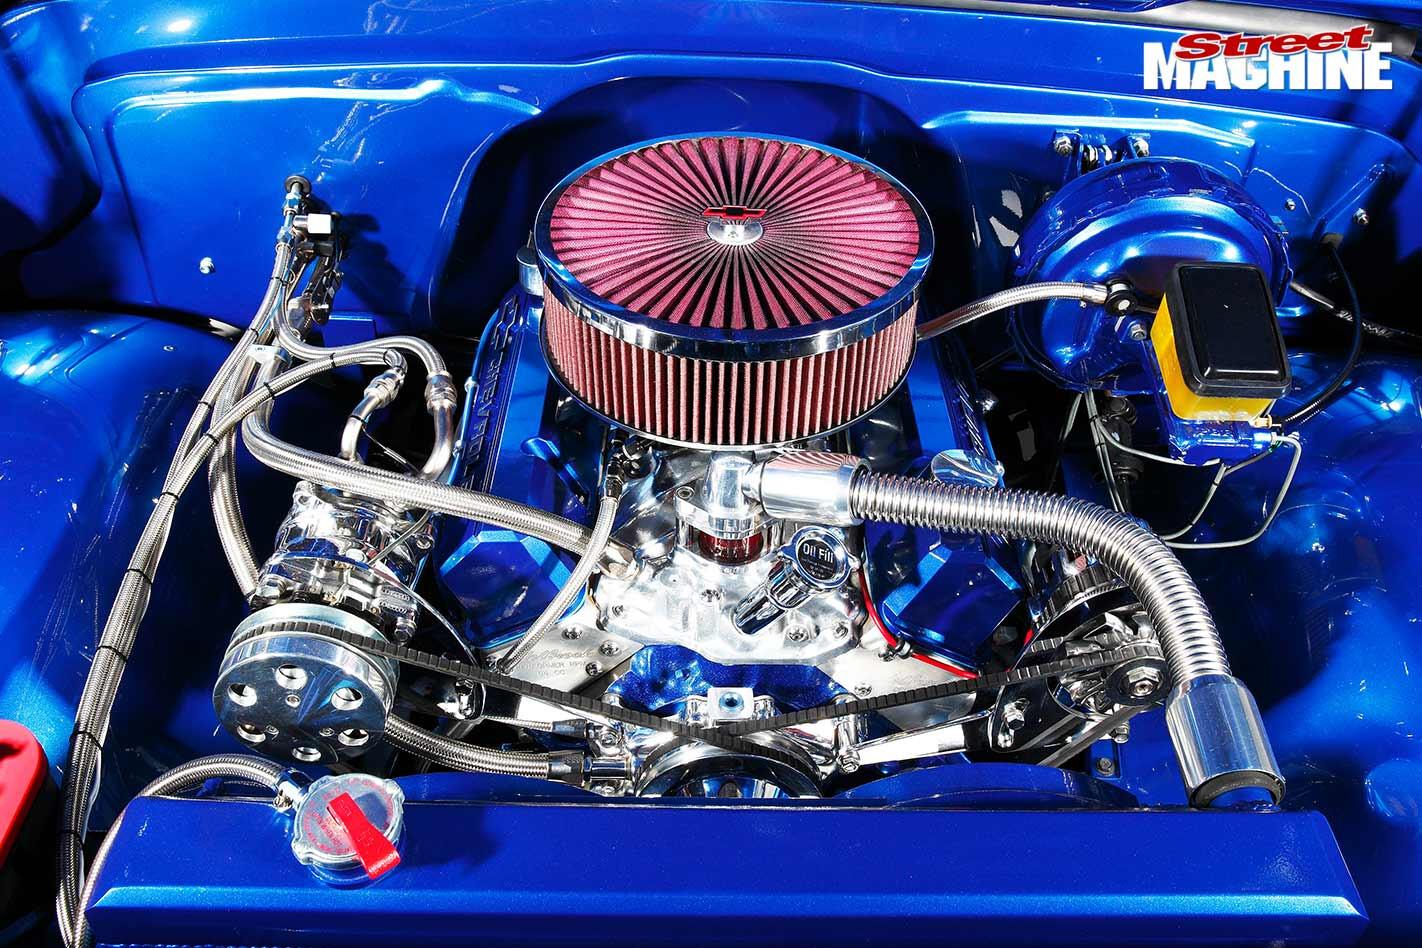 Chev C10 engine bay